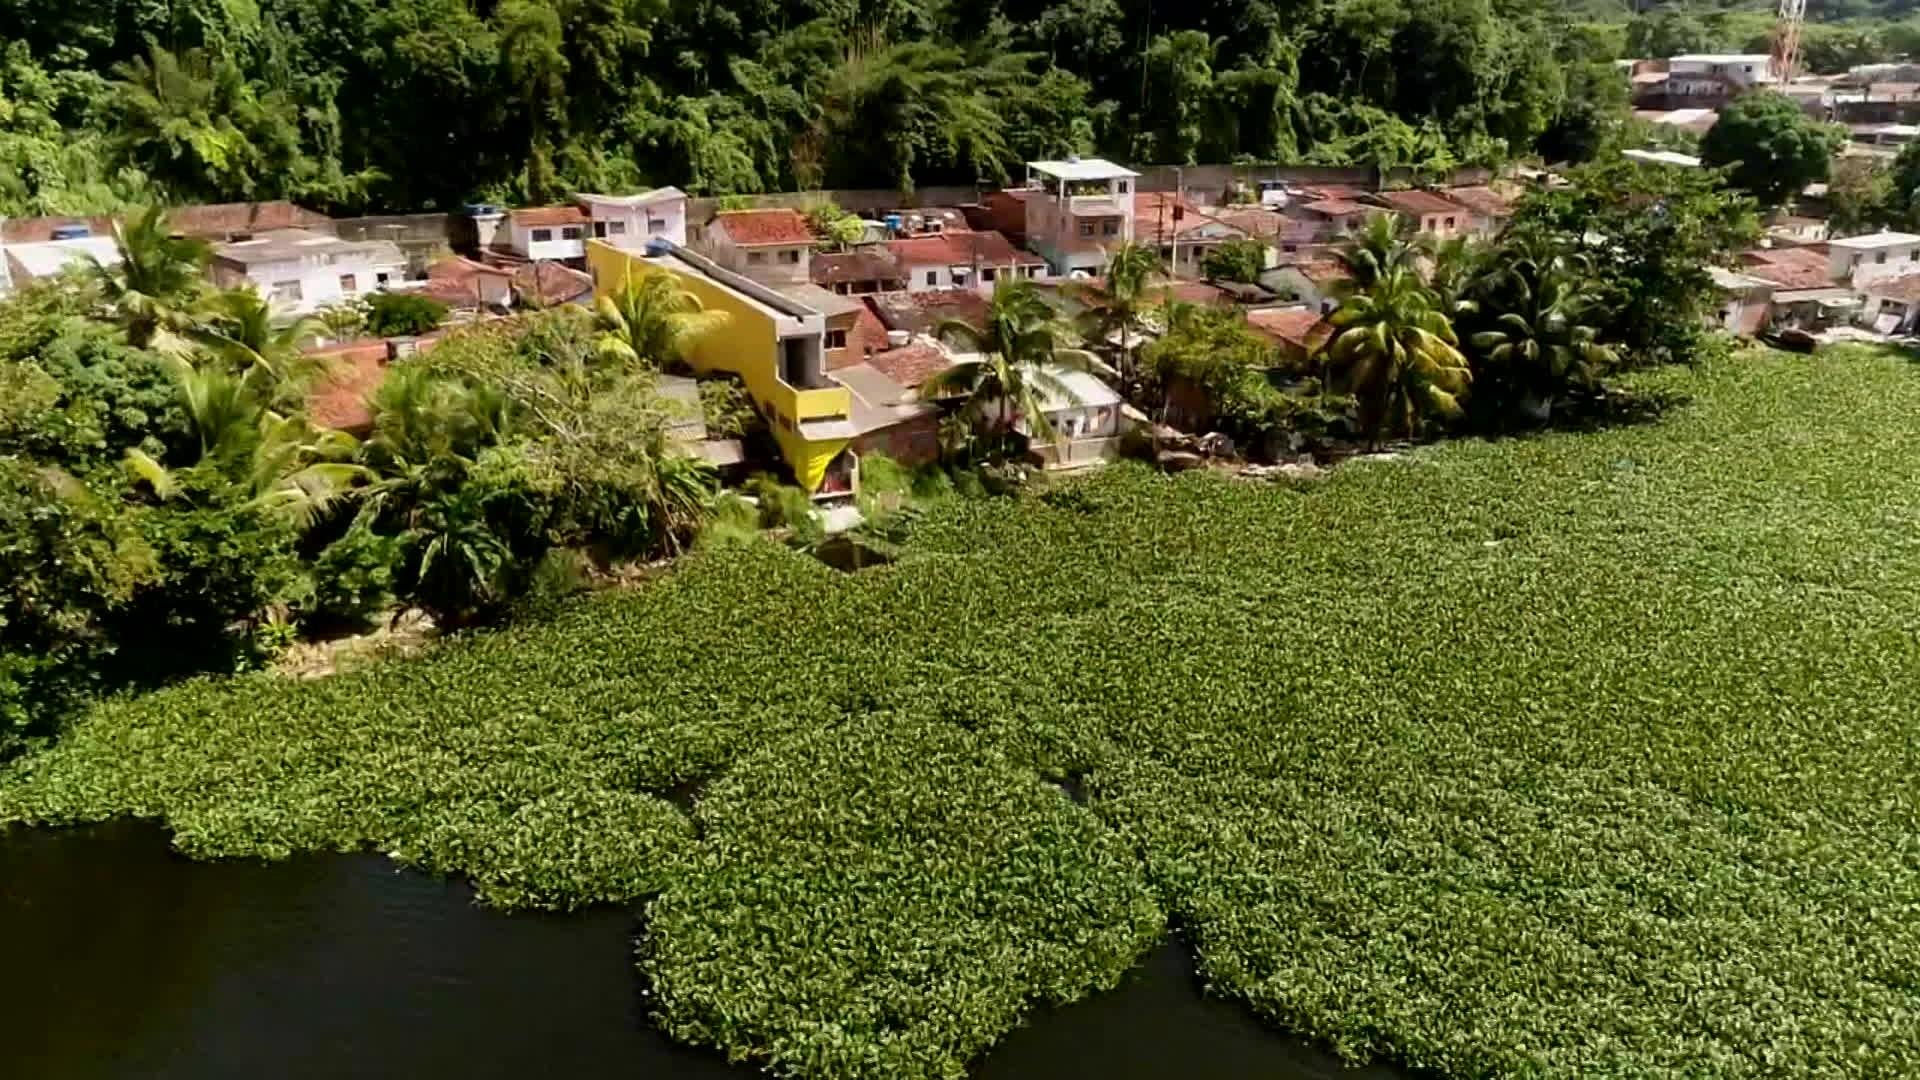 Seis unidades de conservação do Recife ganham planos para ajudar a regularizar uso de áreas verdes